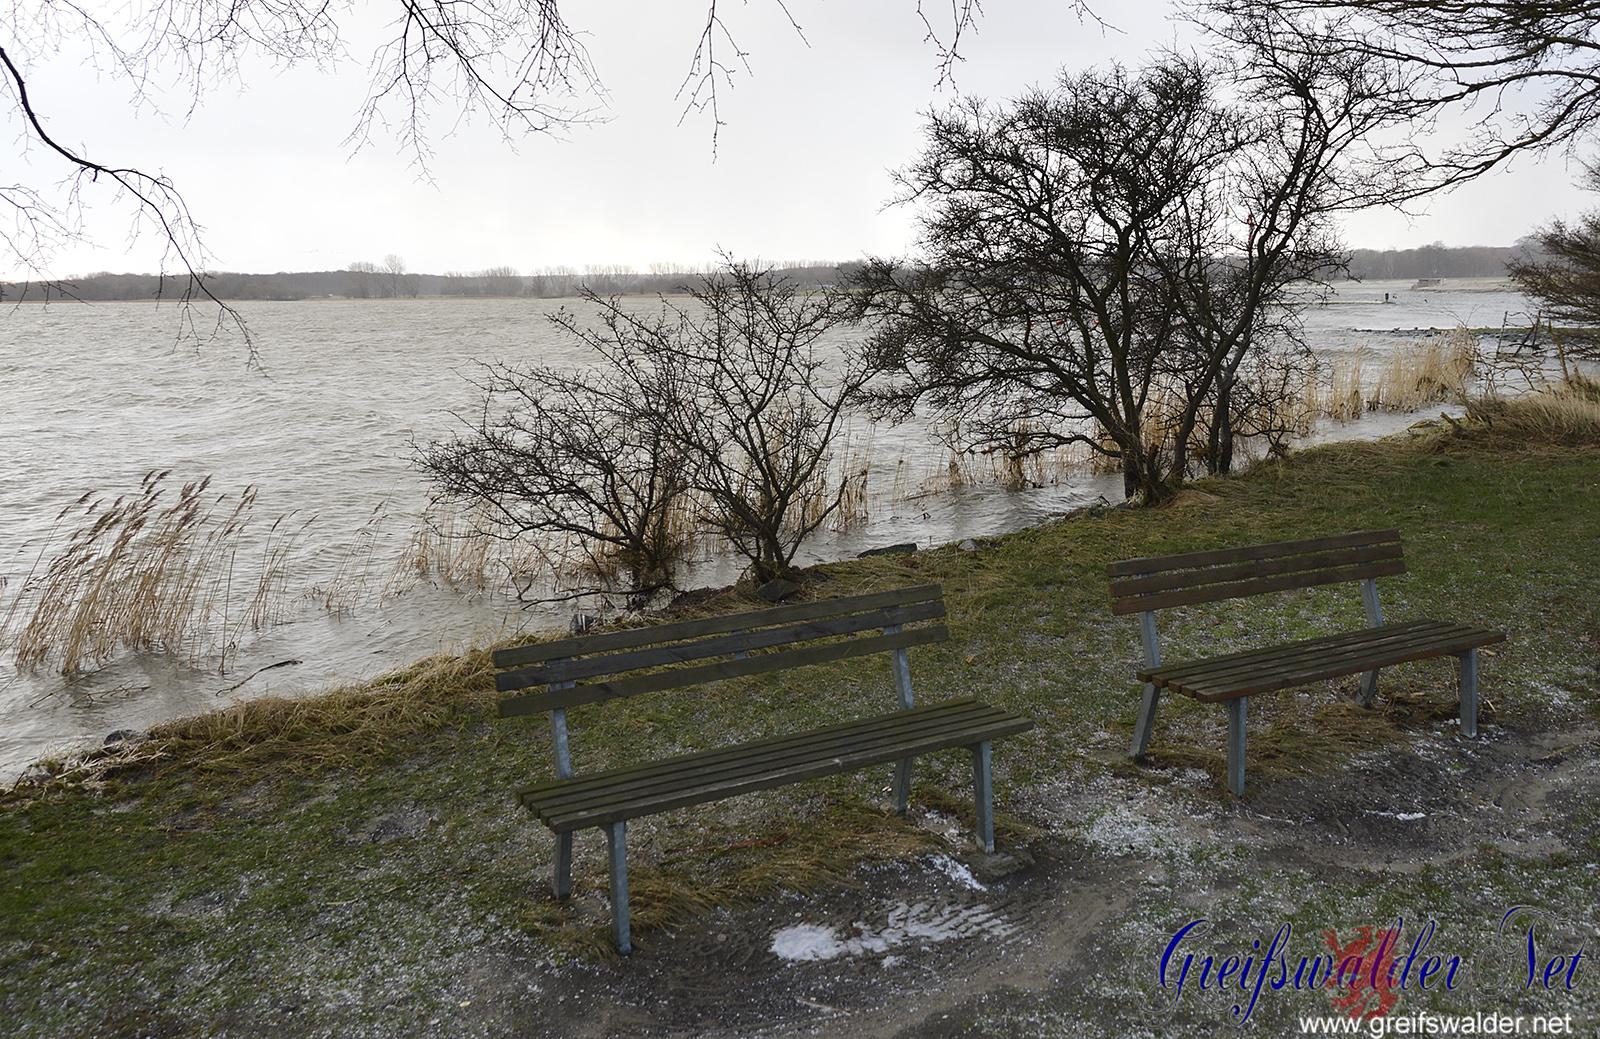 Hochwasser an der Mole in Greifswald-Wieck